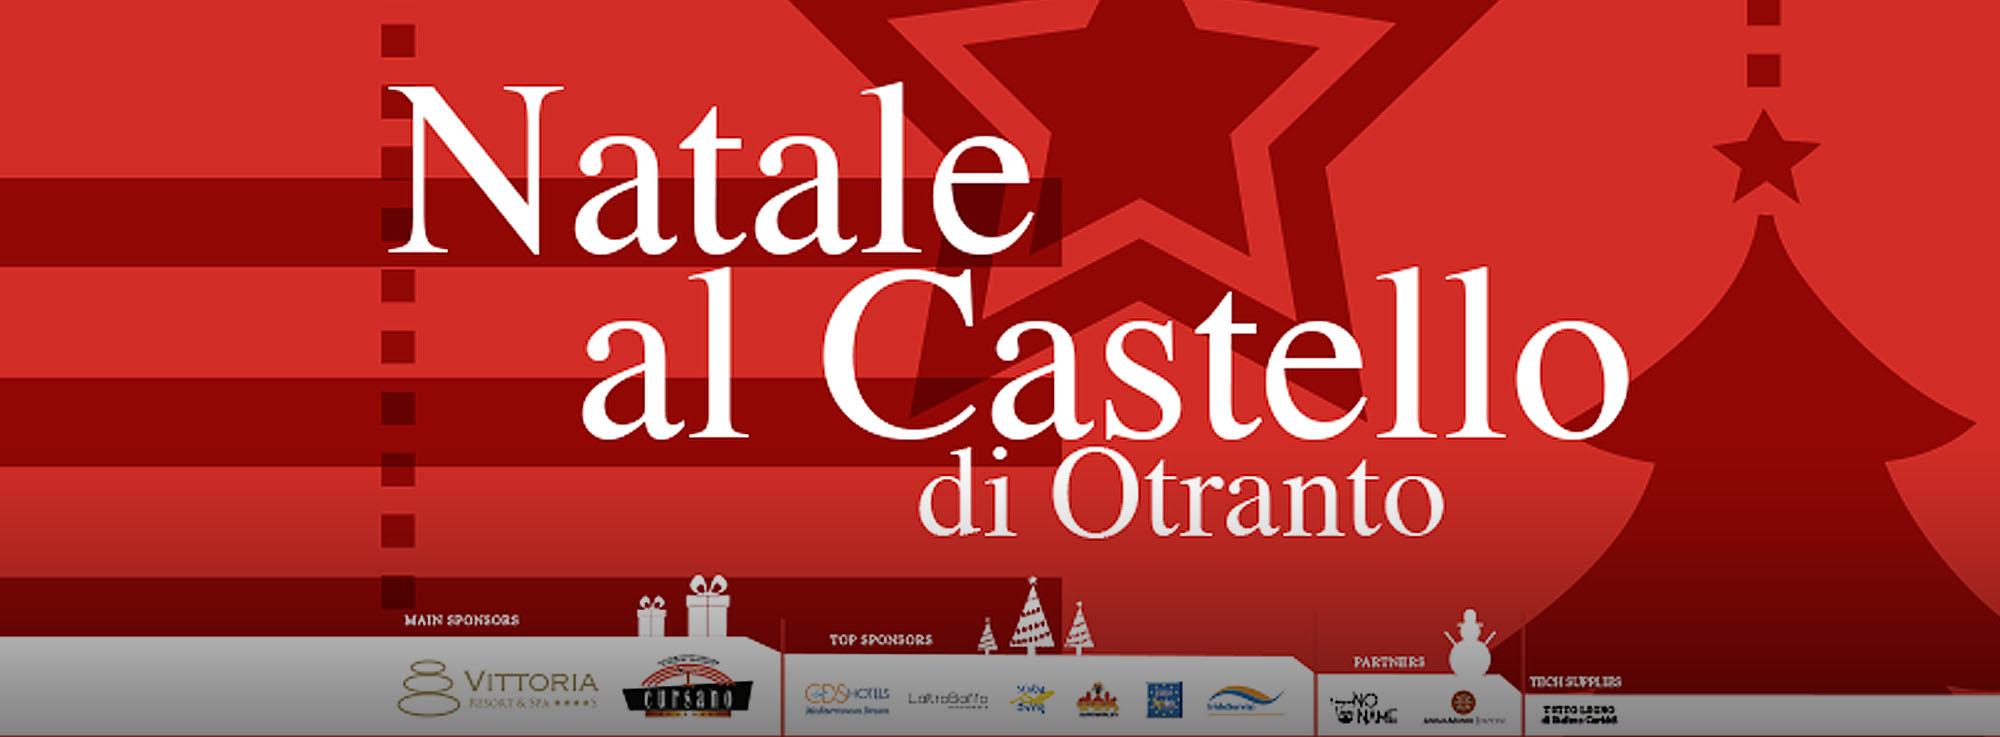 Otranto: Natale al Castello